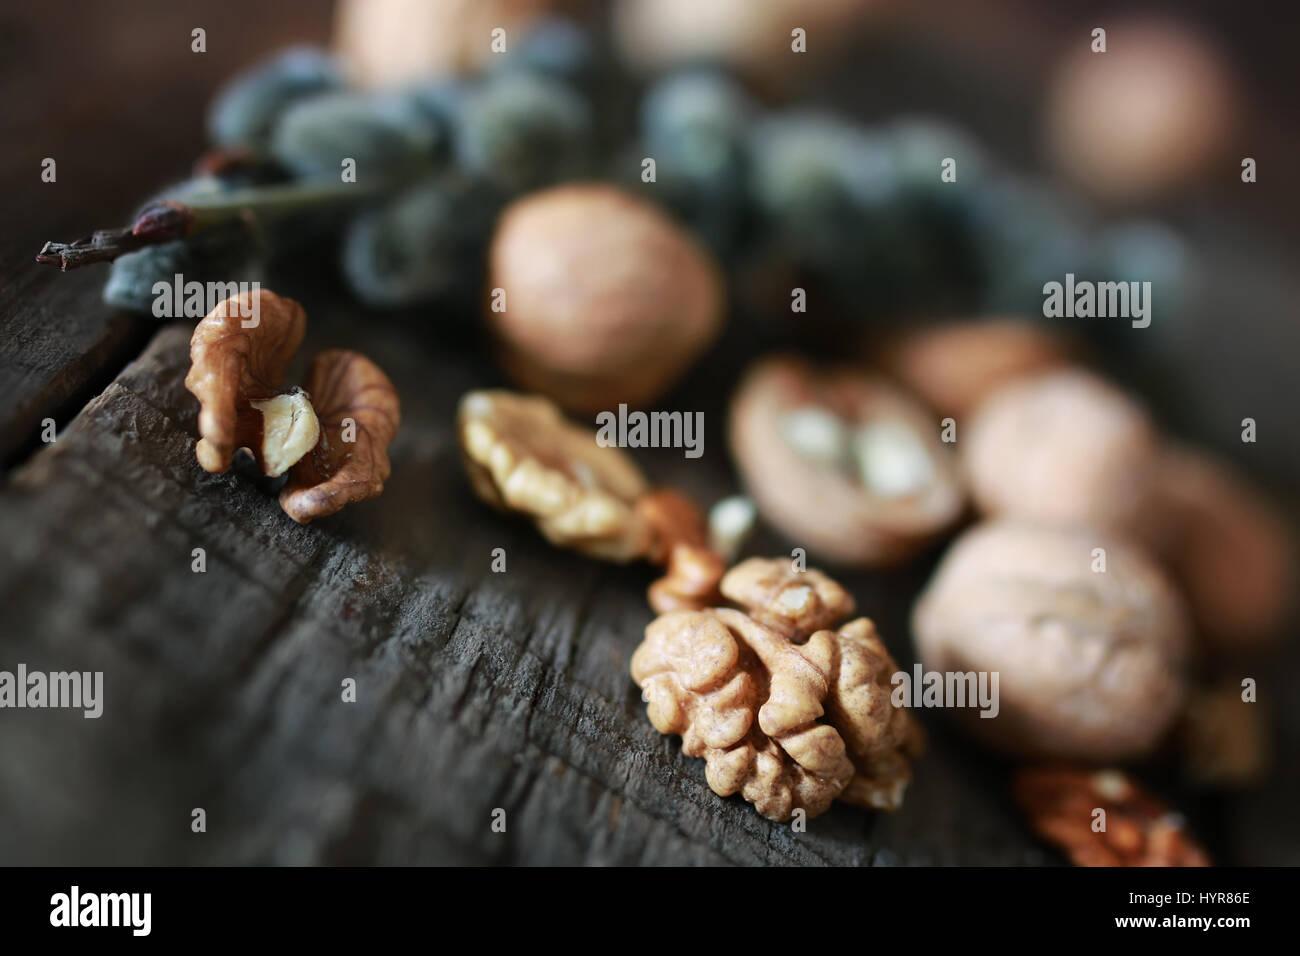 Las nueces, enteros y pelados Imagen De Stock